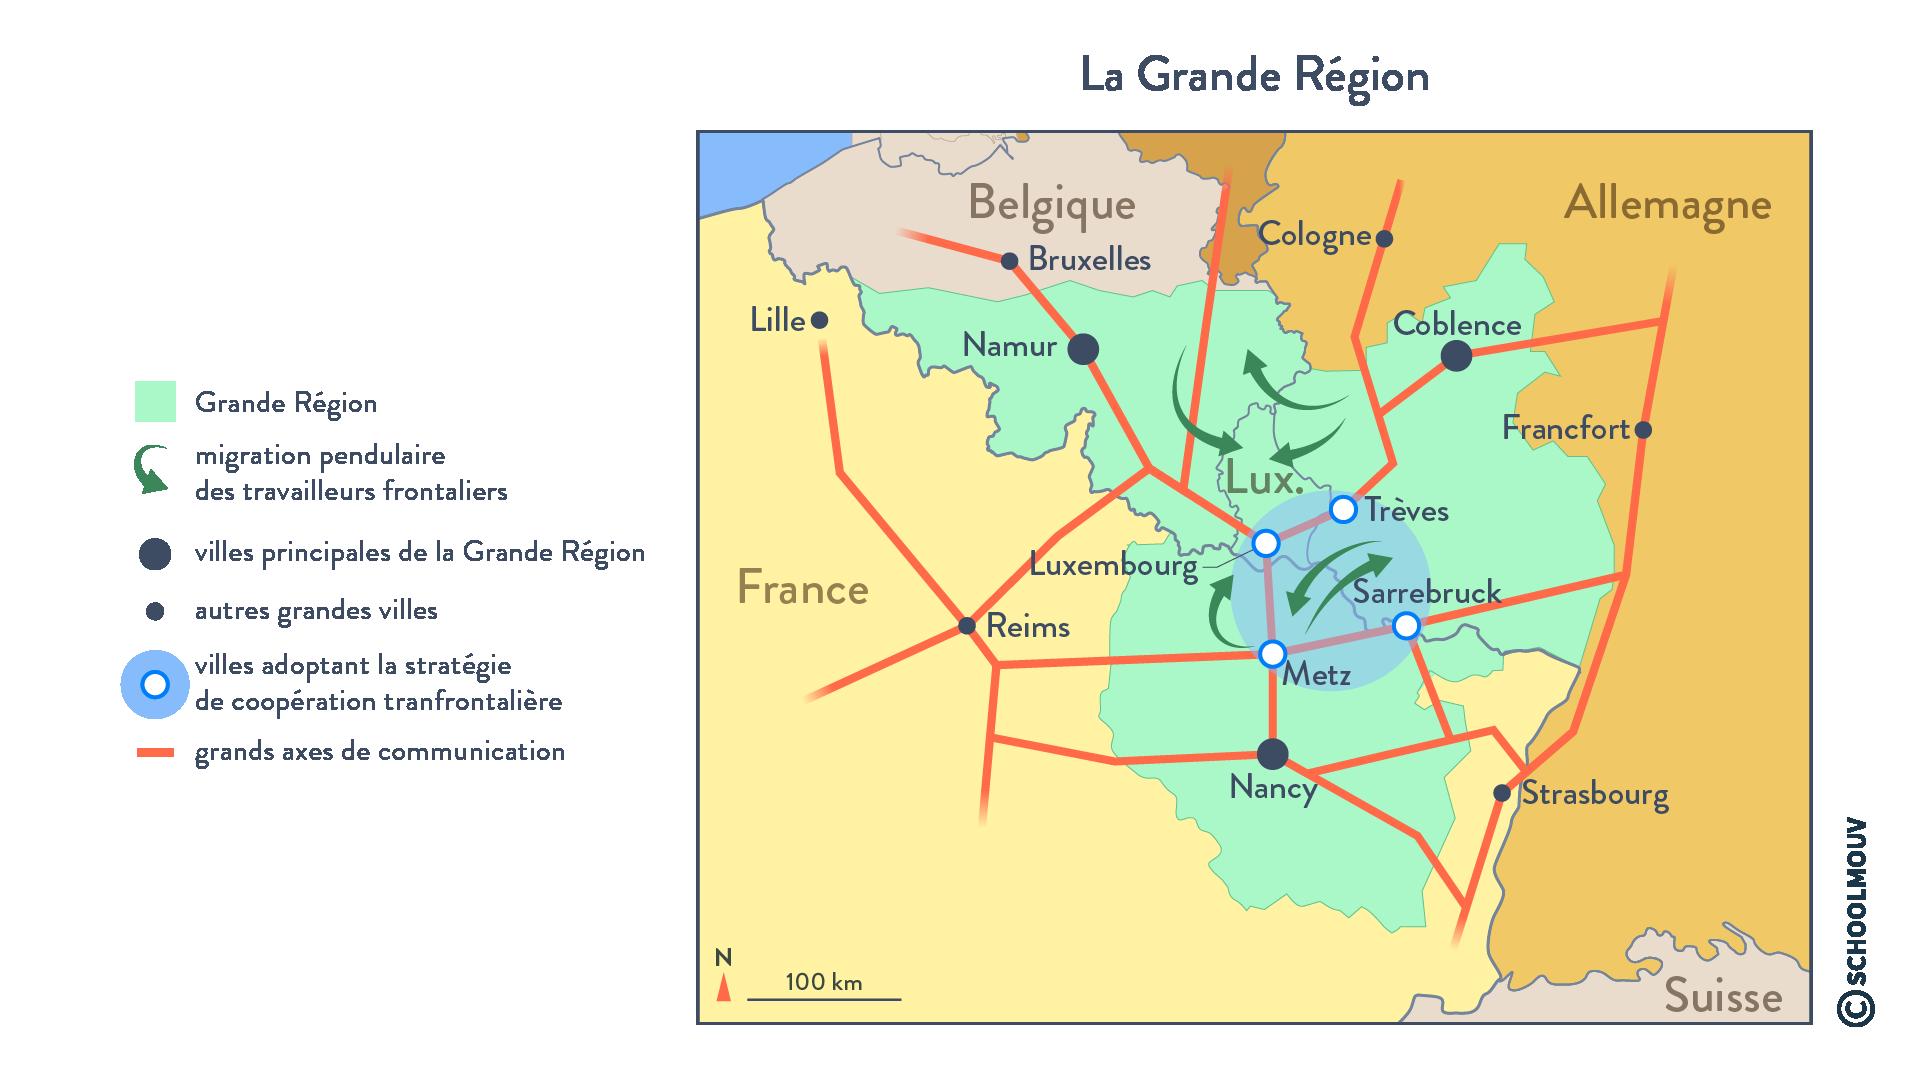 La Grande Région - Géographie - Terminale - SchoolMouv